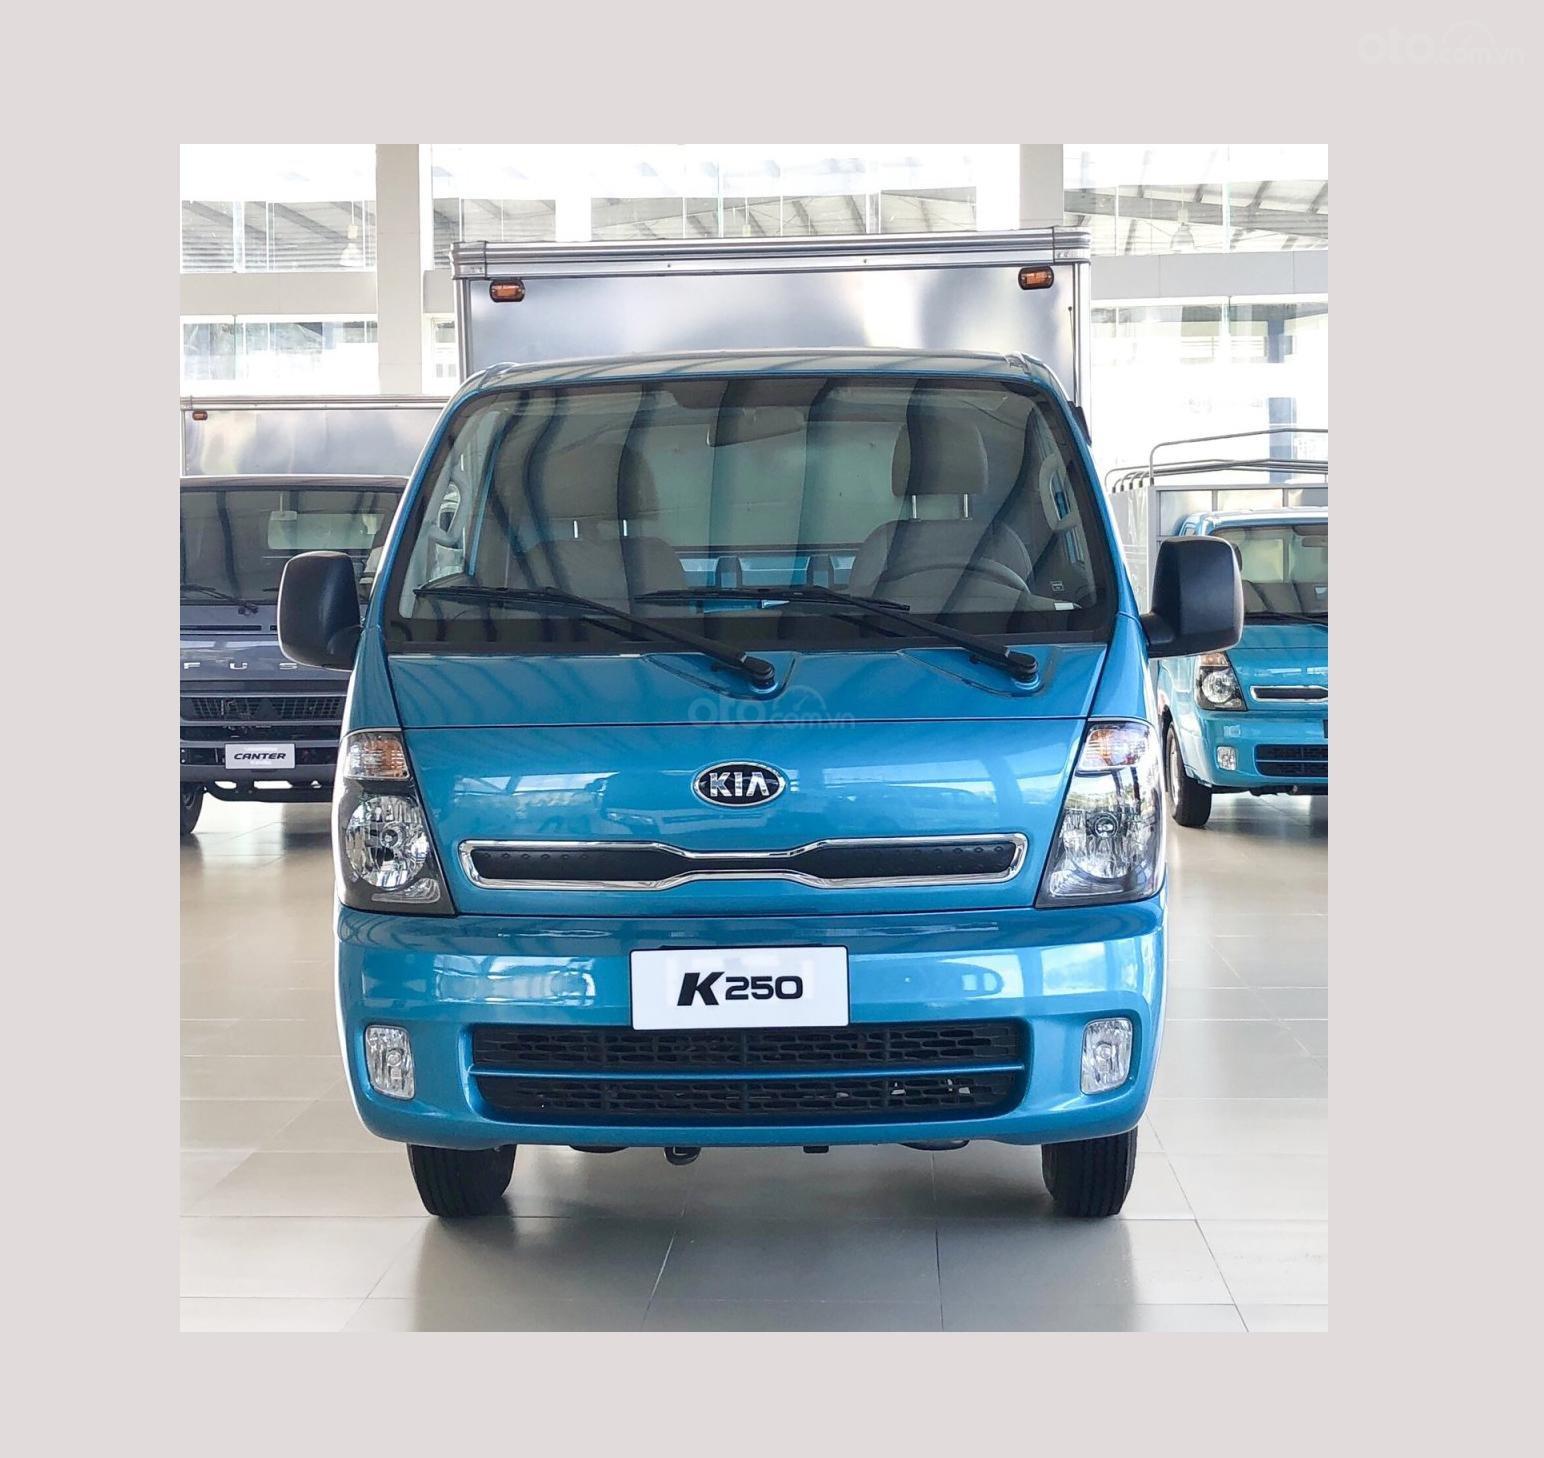 Xe tải Kia K250, 2.49 tấn, máy Hyundai, góp 75%, xe mới có sẵn (2)